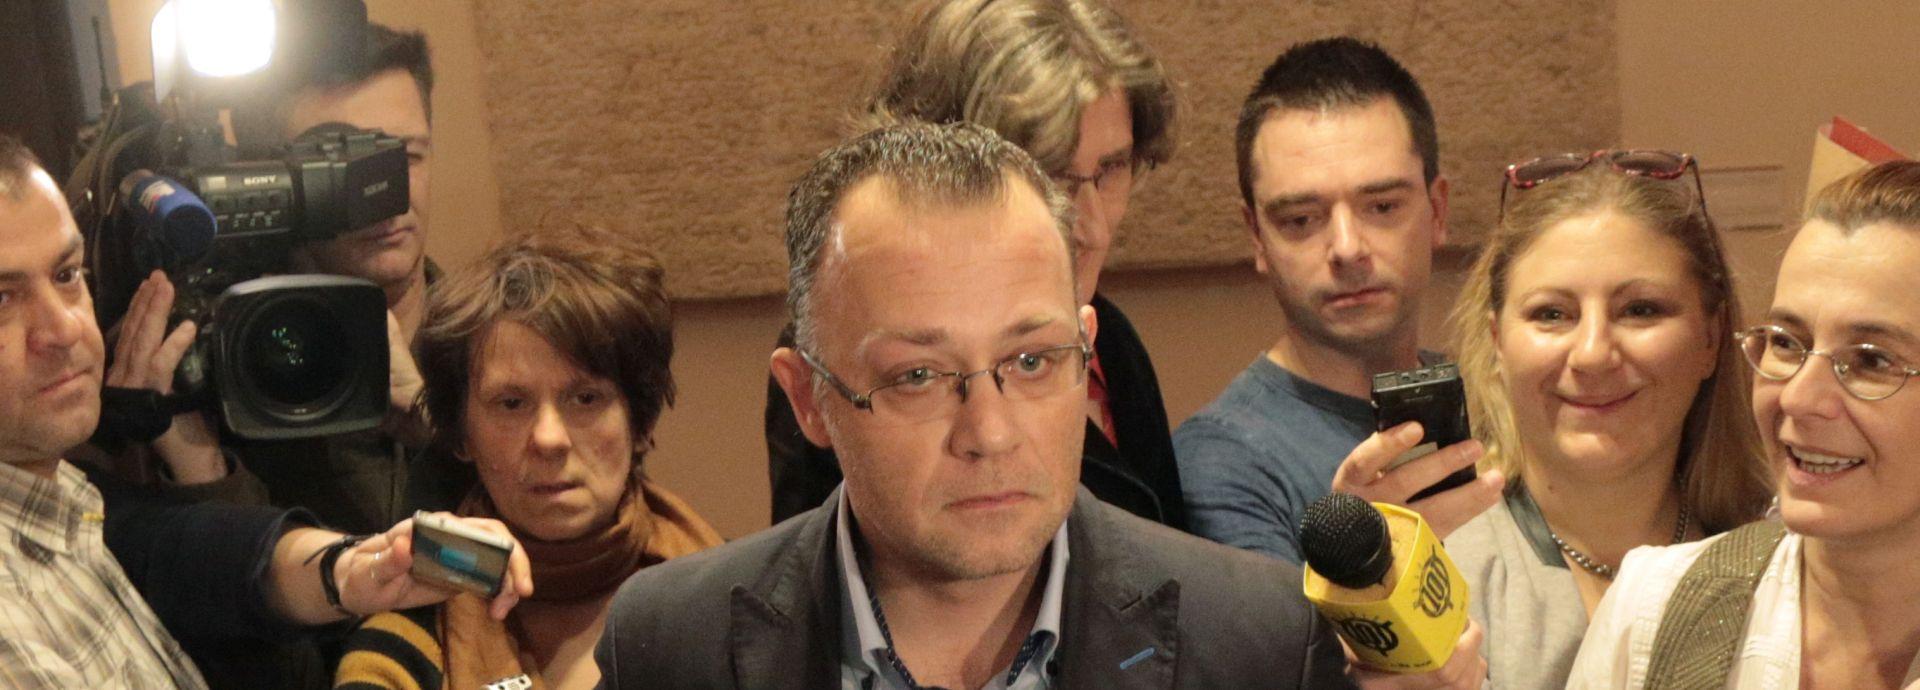 Hasanbegović: Kroz kratko vrijeme formirat će se nova vlada HDZ-a i Mosta